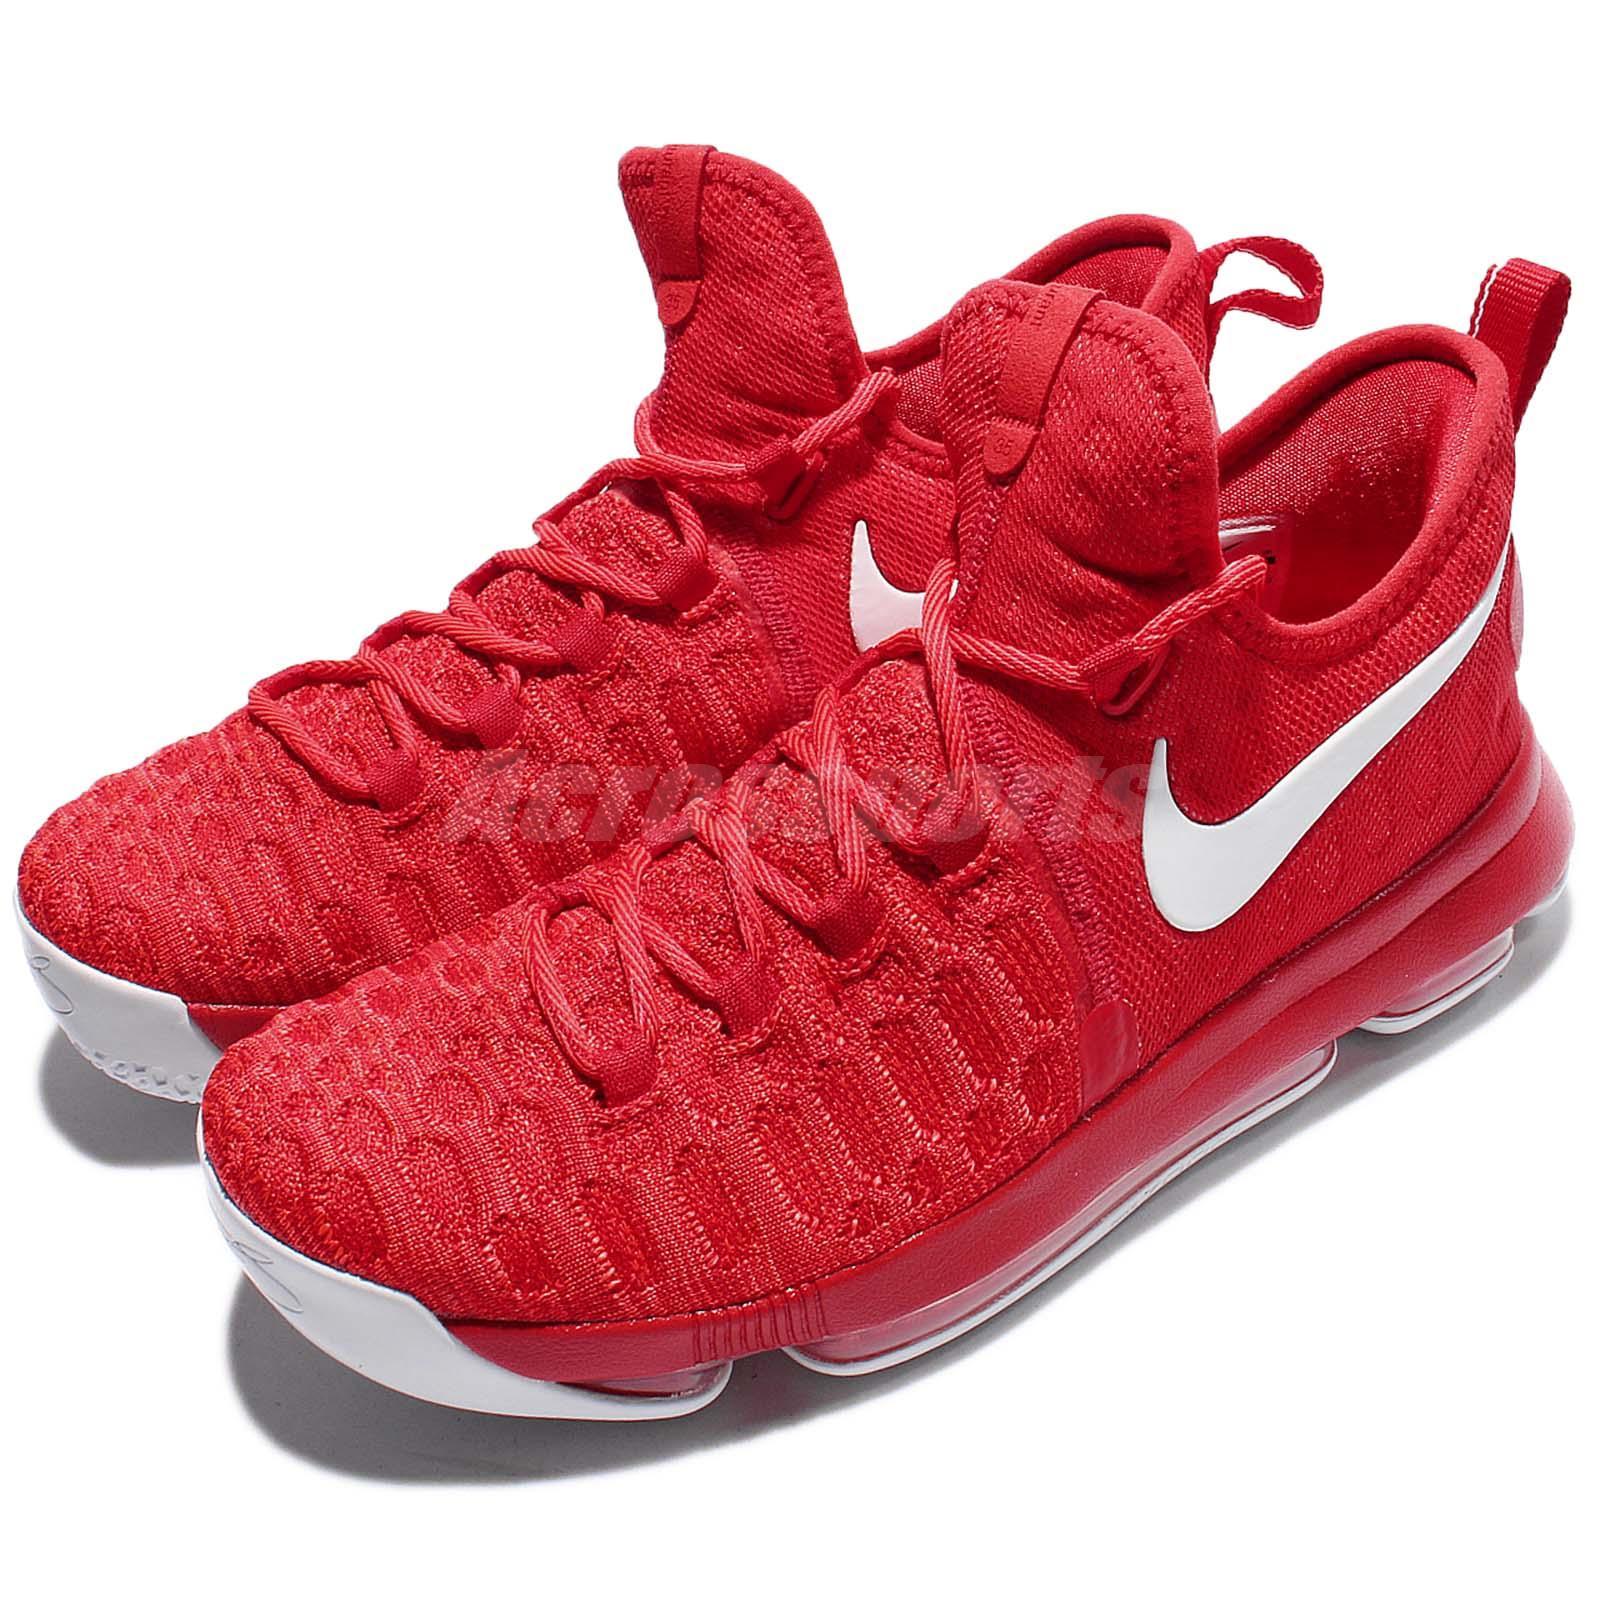 Ebay Com Shoes Nike